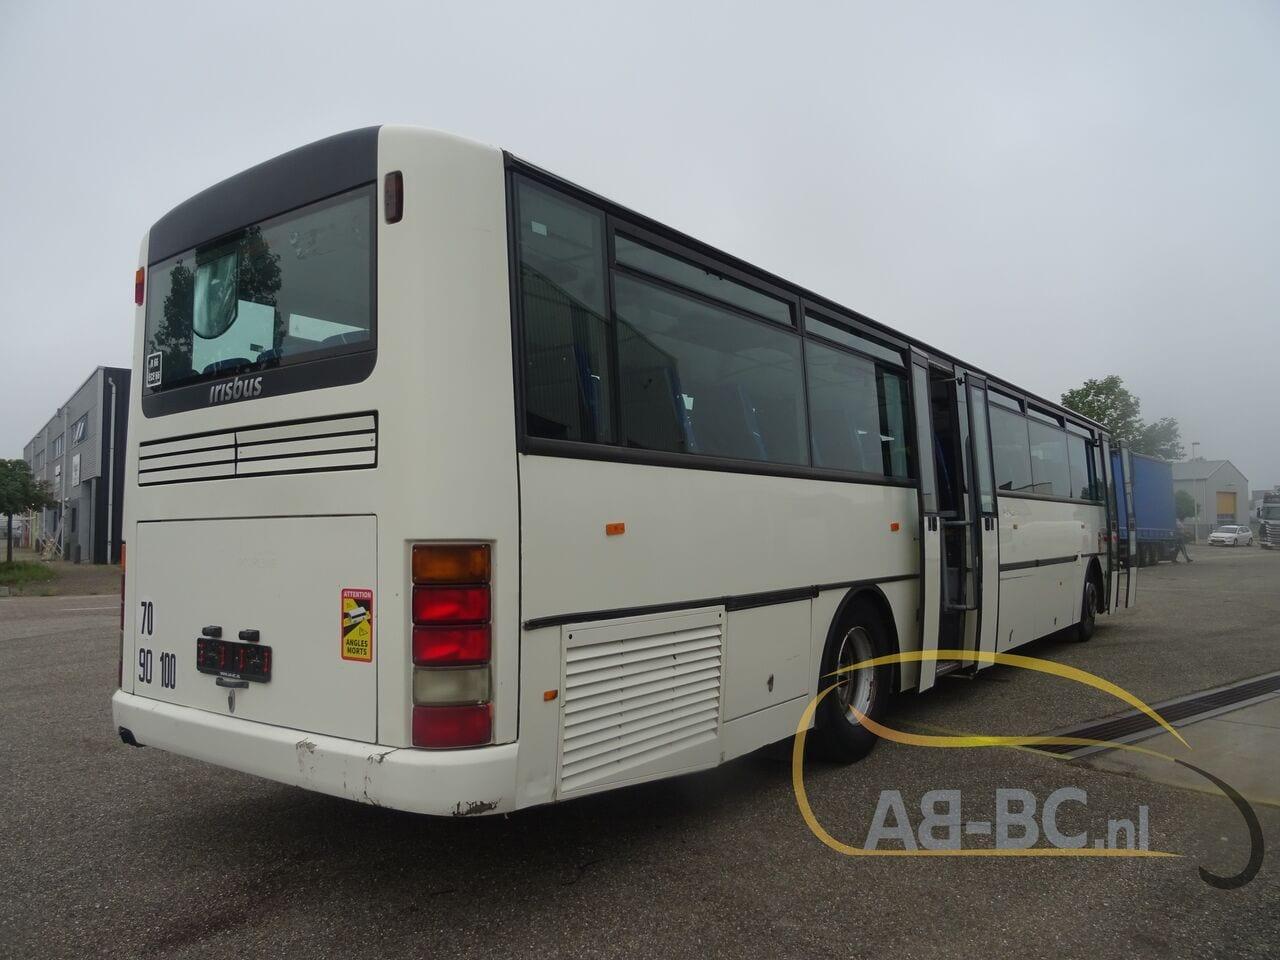 interurban-busIVECO-Irisbus-Recreo-64-Seats---1626159865129604514_big_f17e4aeaad90a8f7d2ff688a24b07642--21071309575983154500